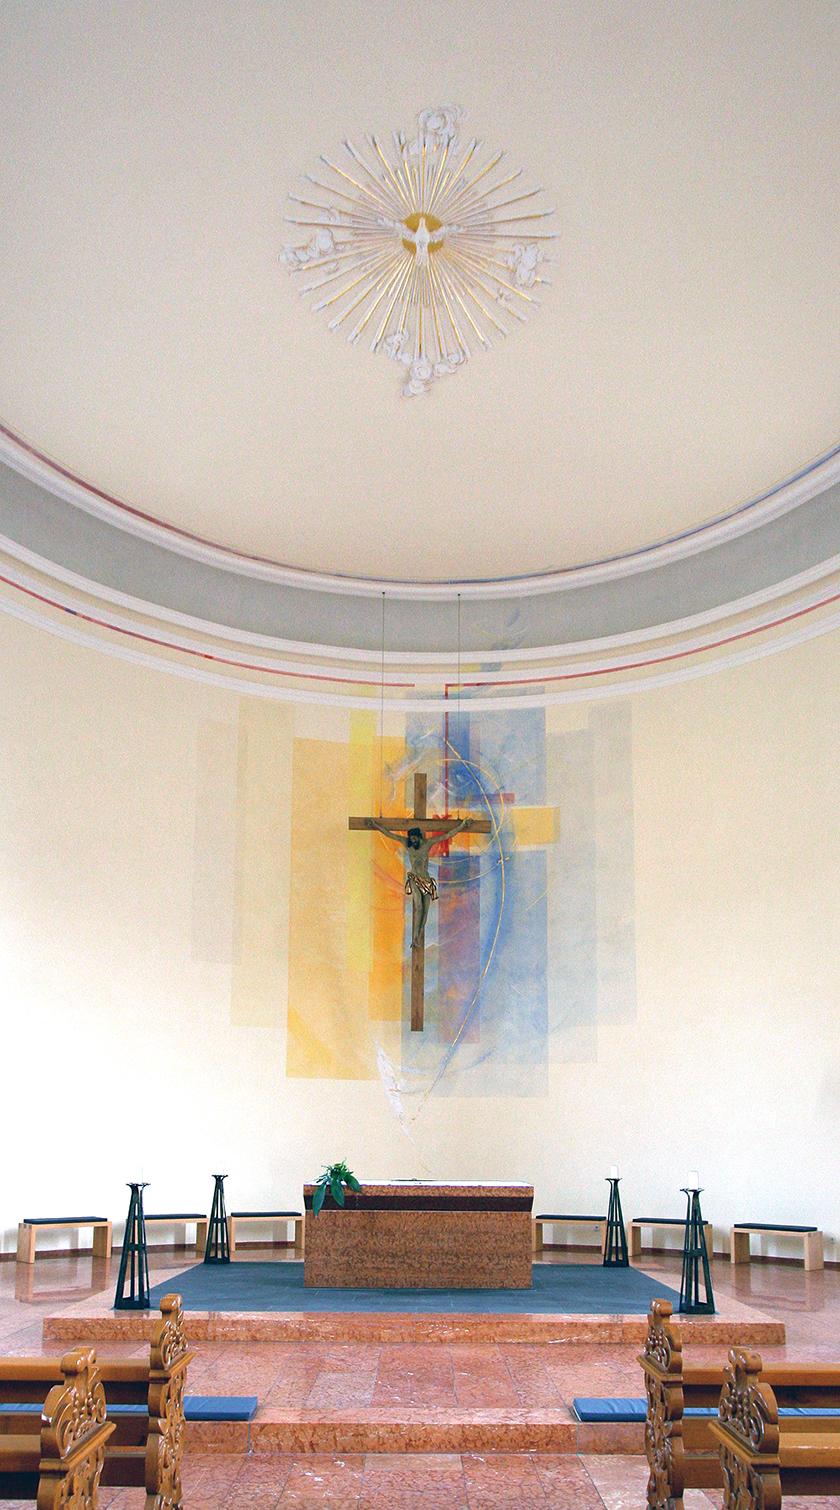 Kath. Kirche Neumagen- Dhron, Altarwandgestaltung und Raumfarbfassung, Silikatfarben 2009